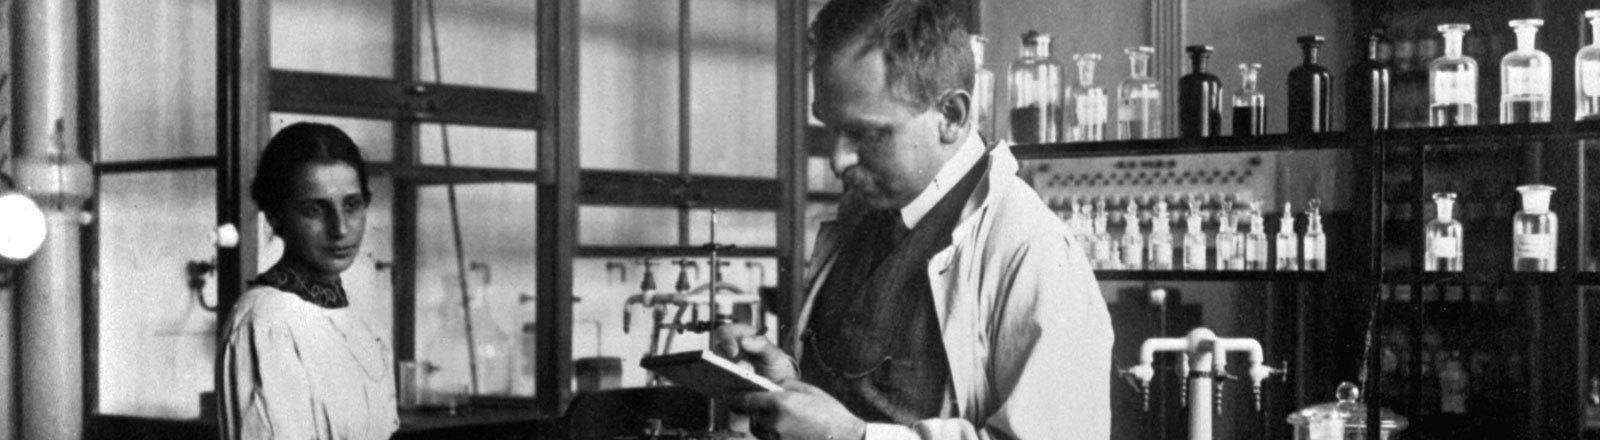 Die Chemiker Otto Hahn und Lise Meitner im Labor des Kaiser-Wilhelm-Instituts für Chemie in Berlin.